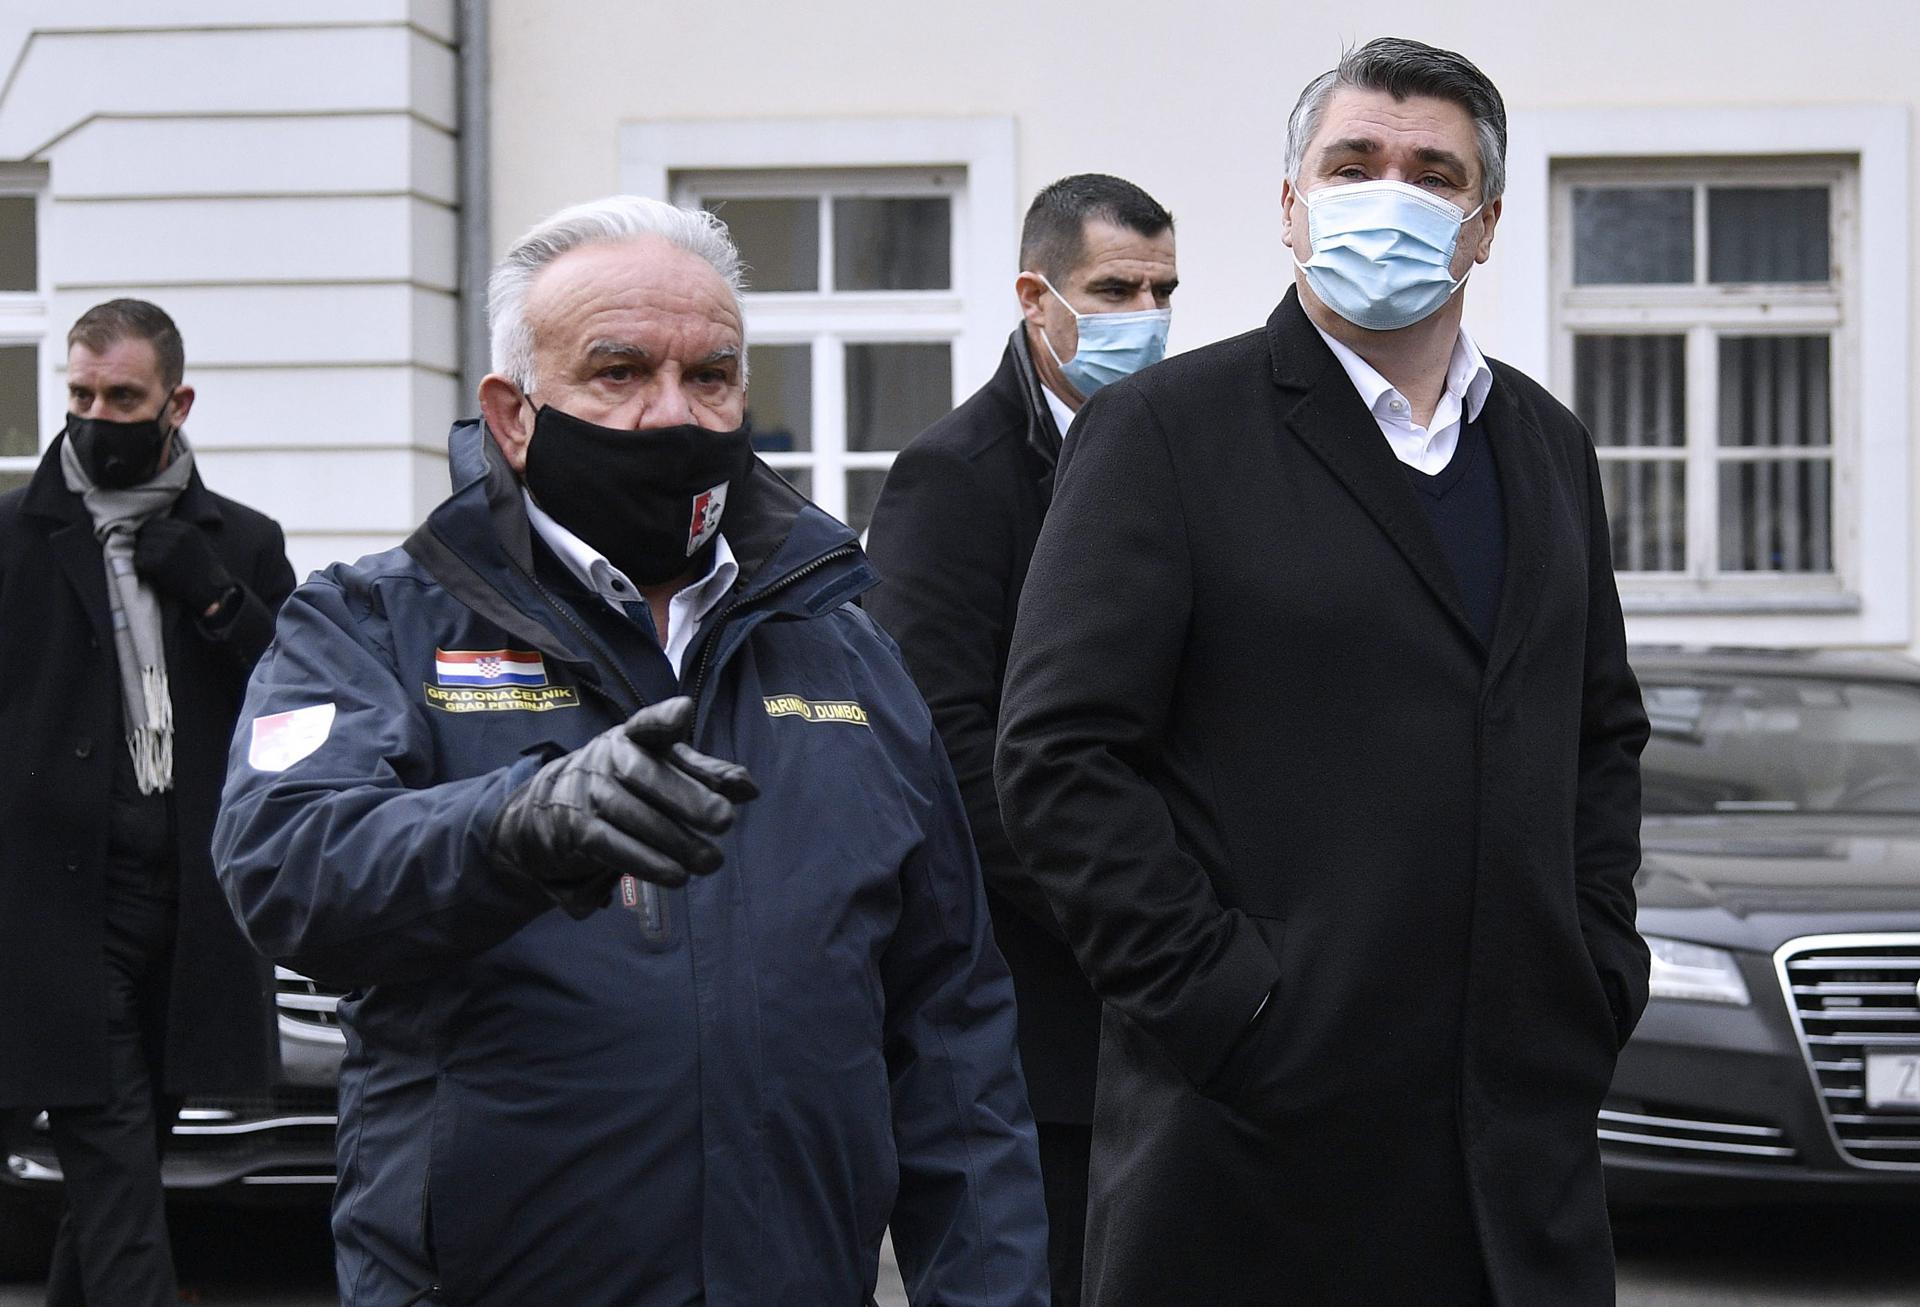 Predsjednik otišao u Petrinju, posjetio volontere i popio rakiju s njima: 'Ljudi, hvala vam na svemu'